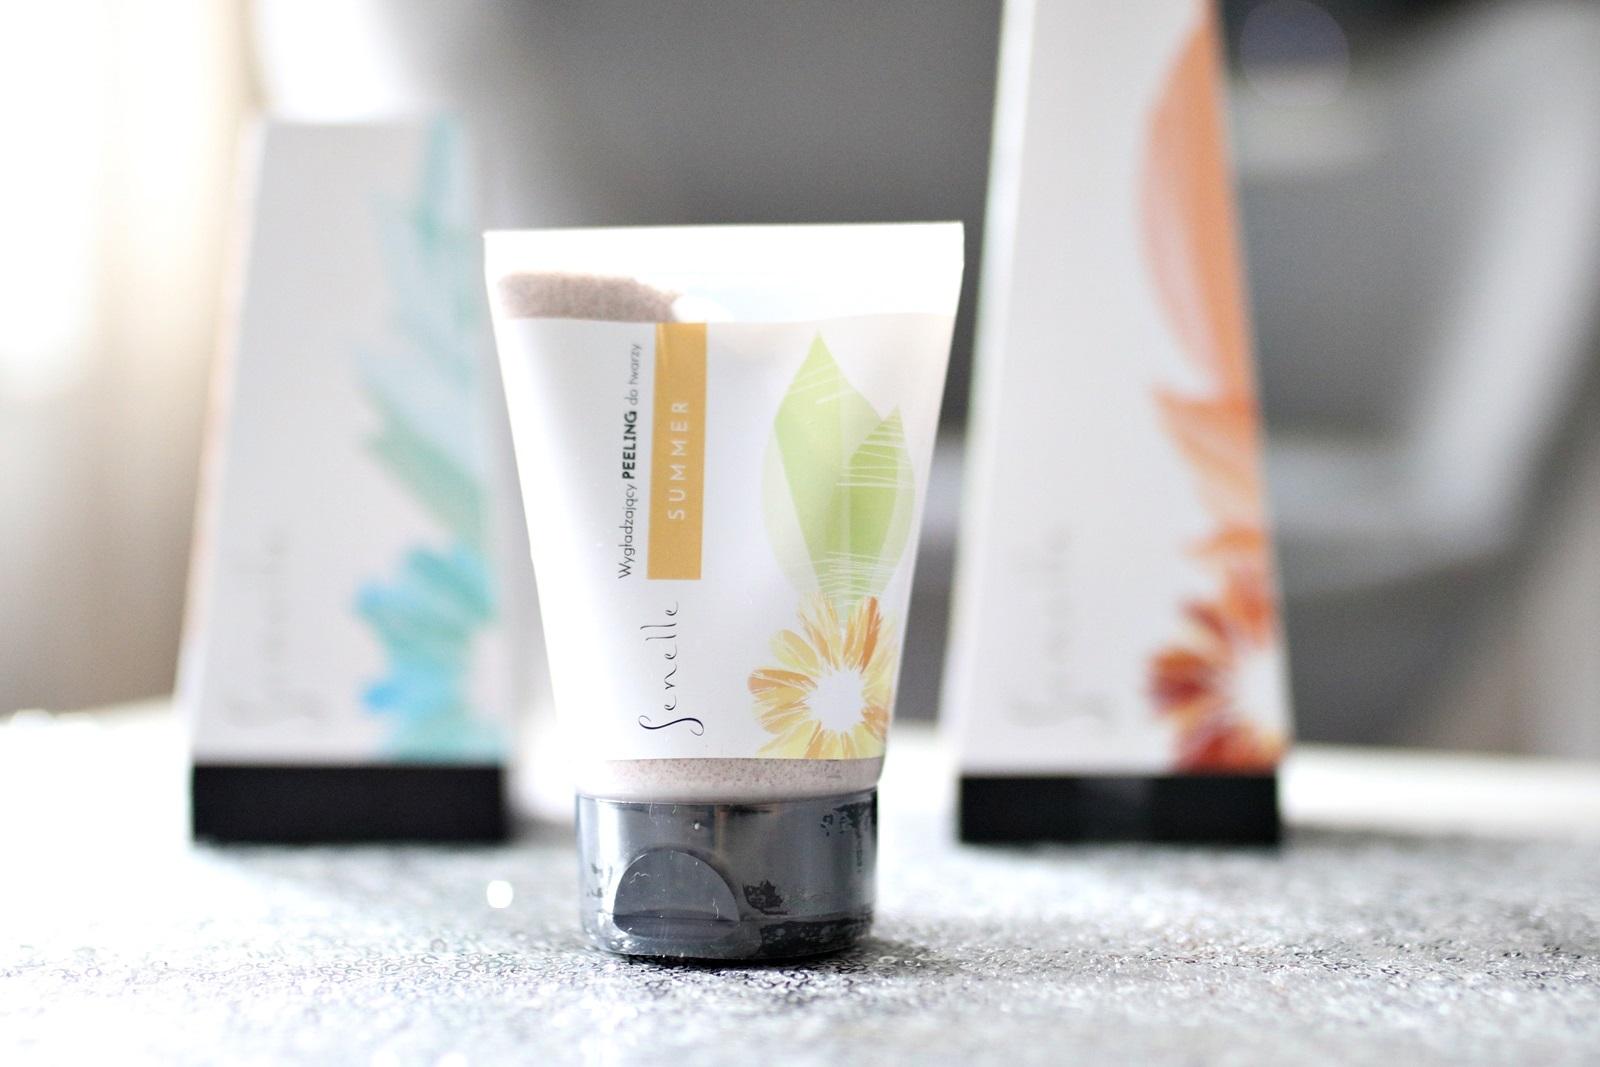 kosmetyki naturalne Senelle - wygładzający peeling do twarzy